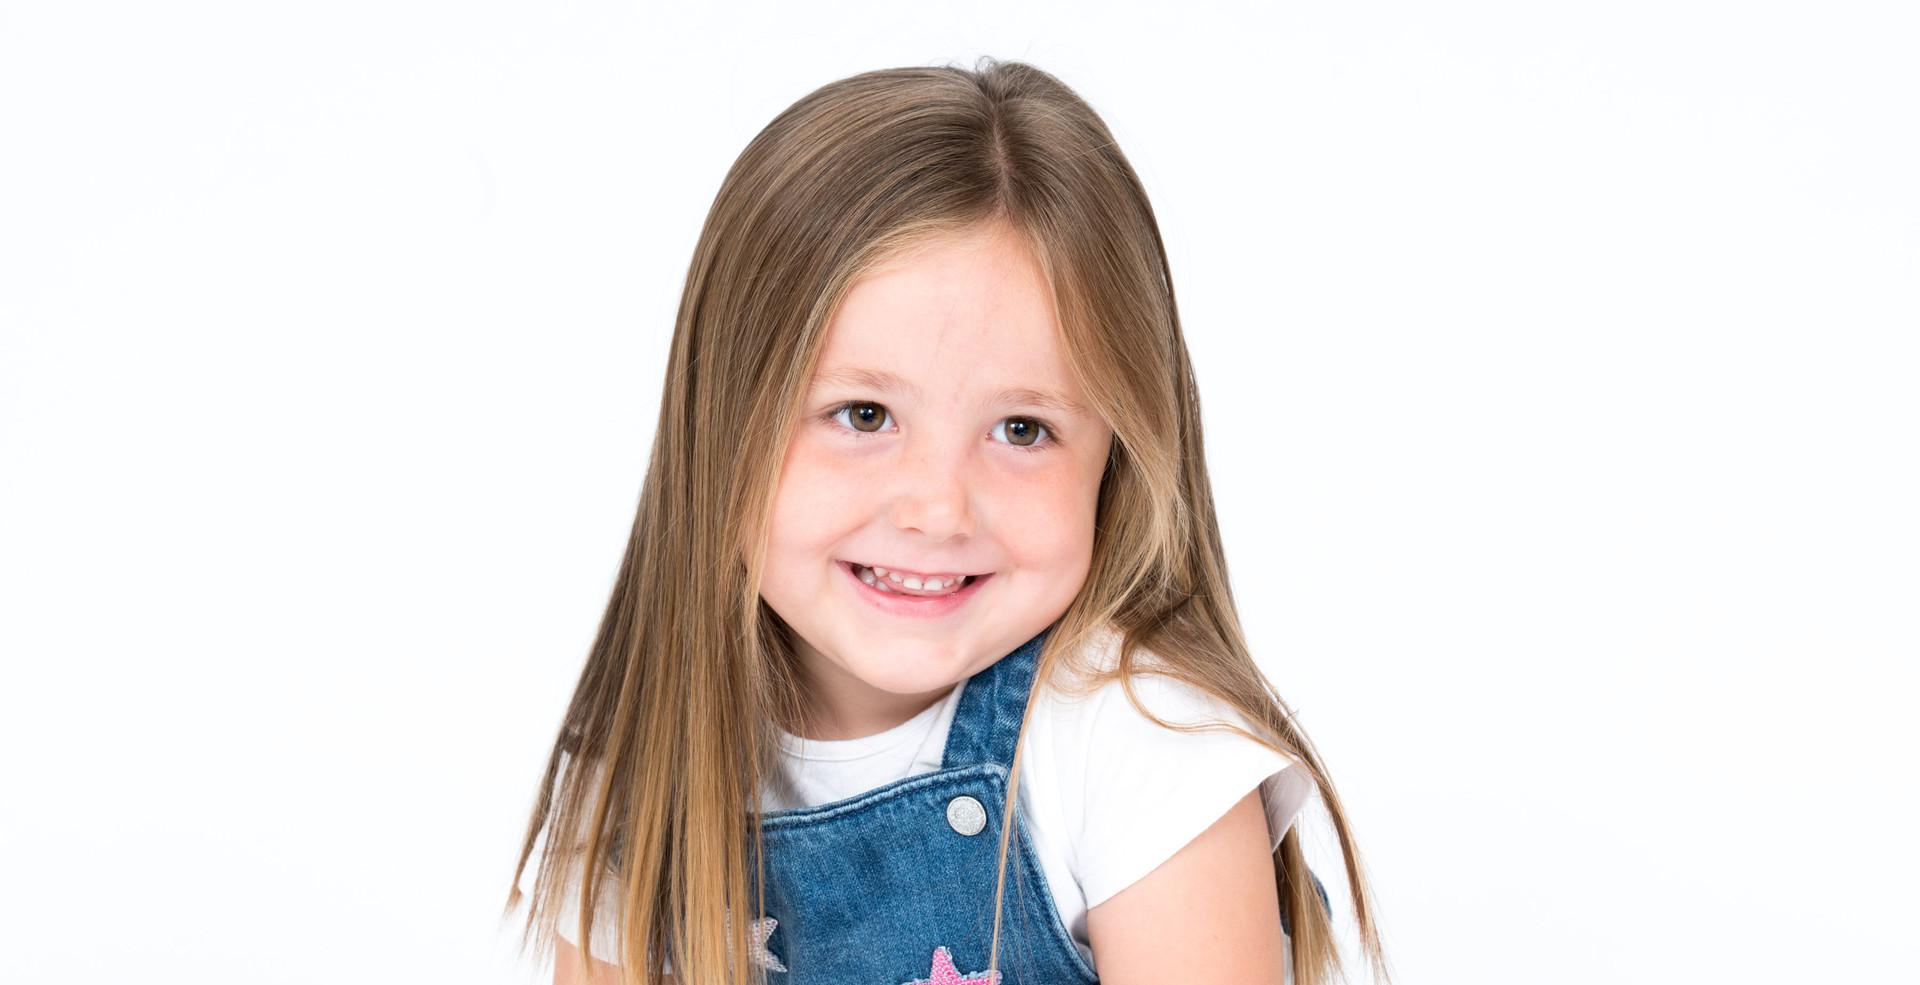 Studio Family Girl Smile.jpg